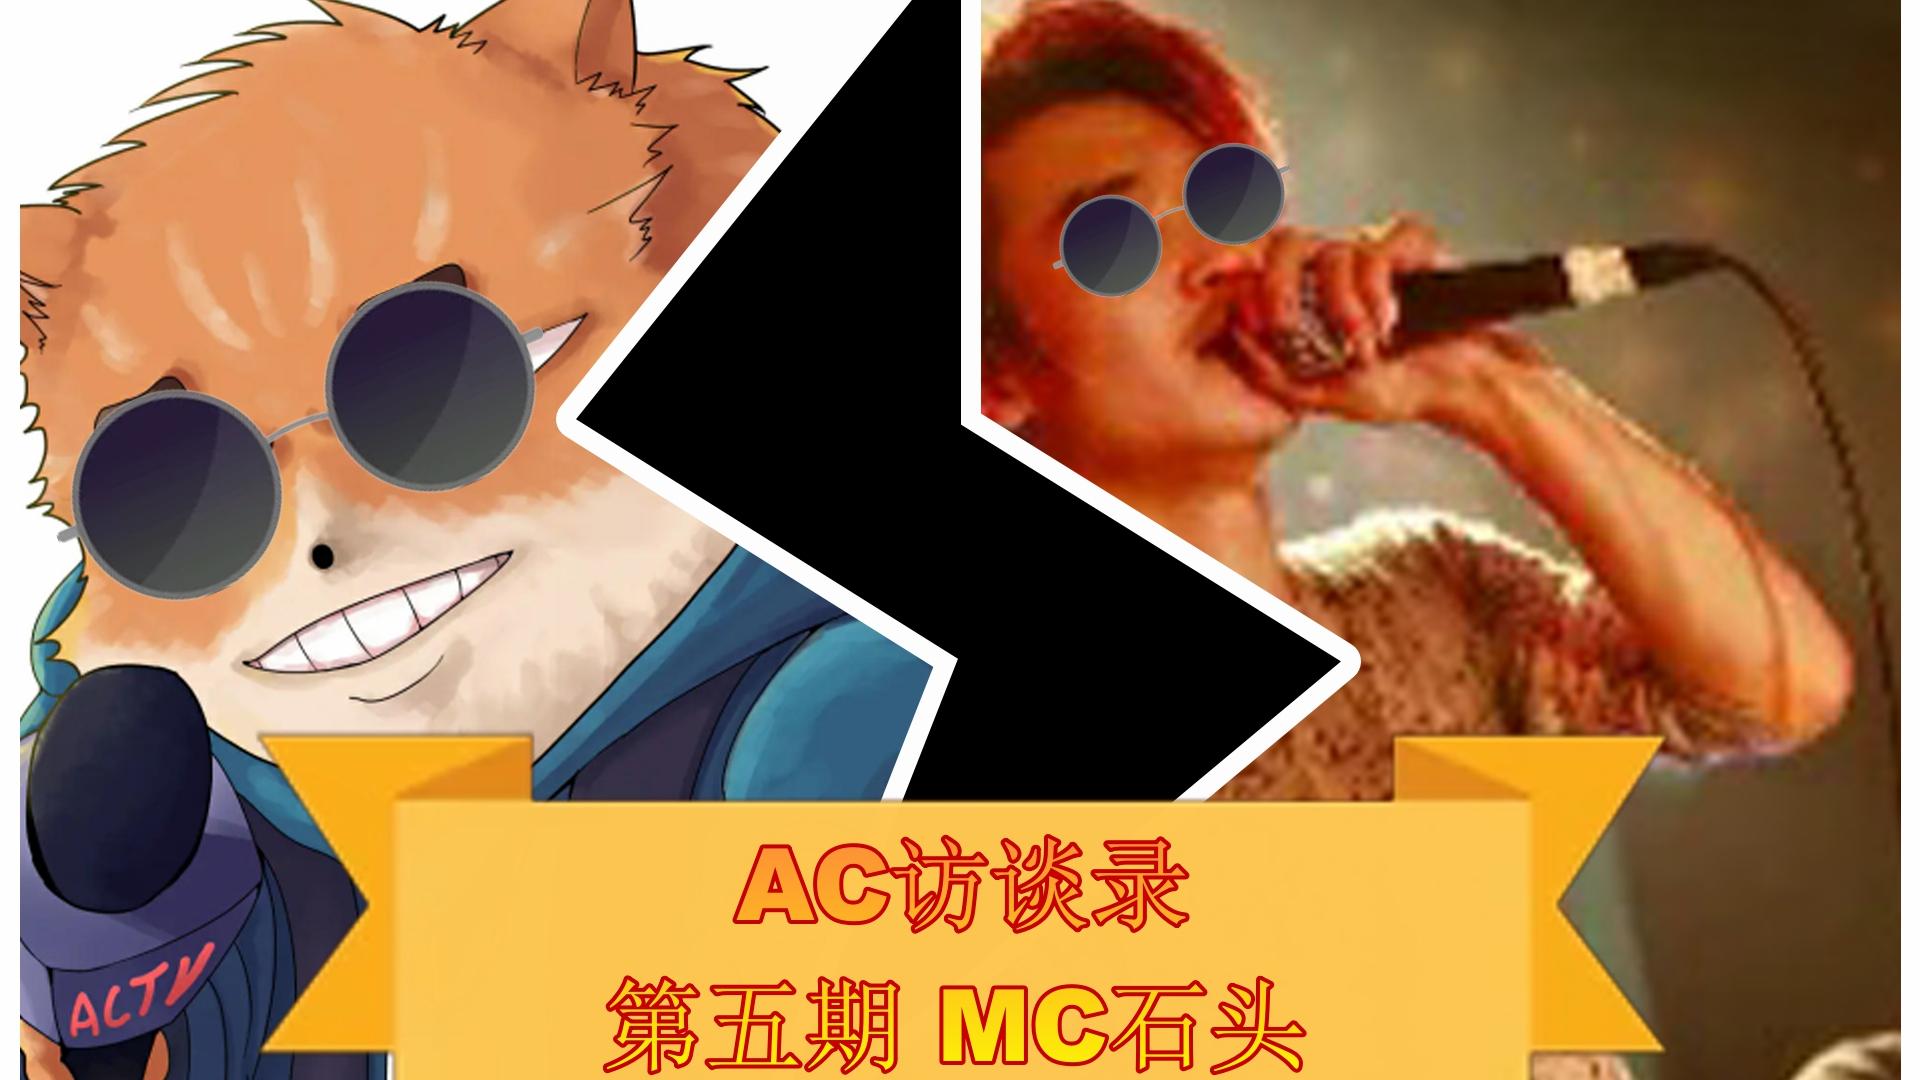 【AC访谈录】第五期 给我12分钟 换你一个青春——MC石头